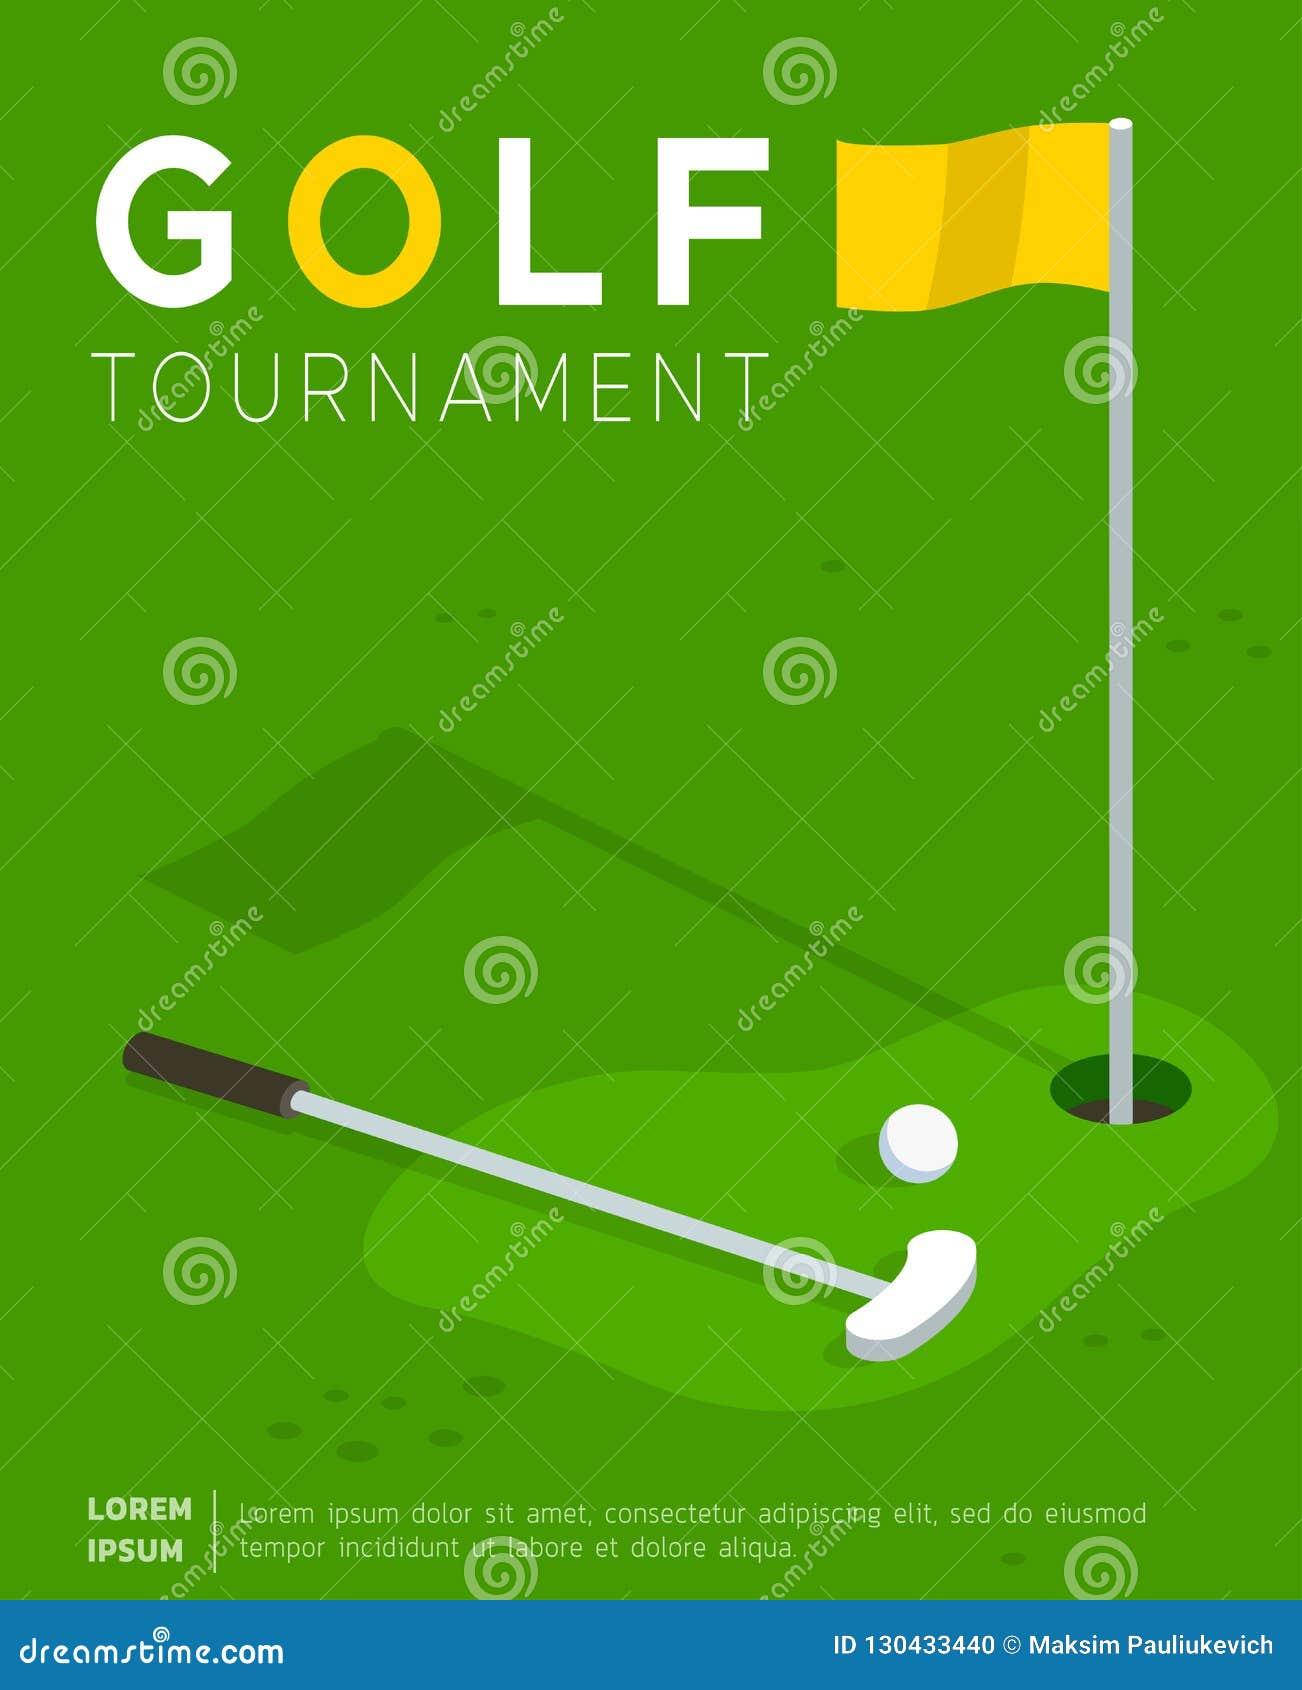 Flache Vektorschablone des Golfturnier Promoplakats